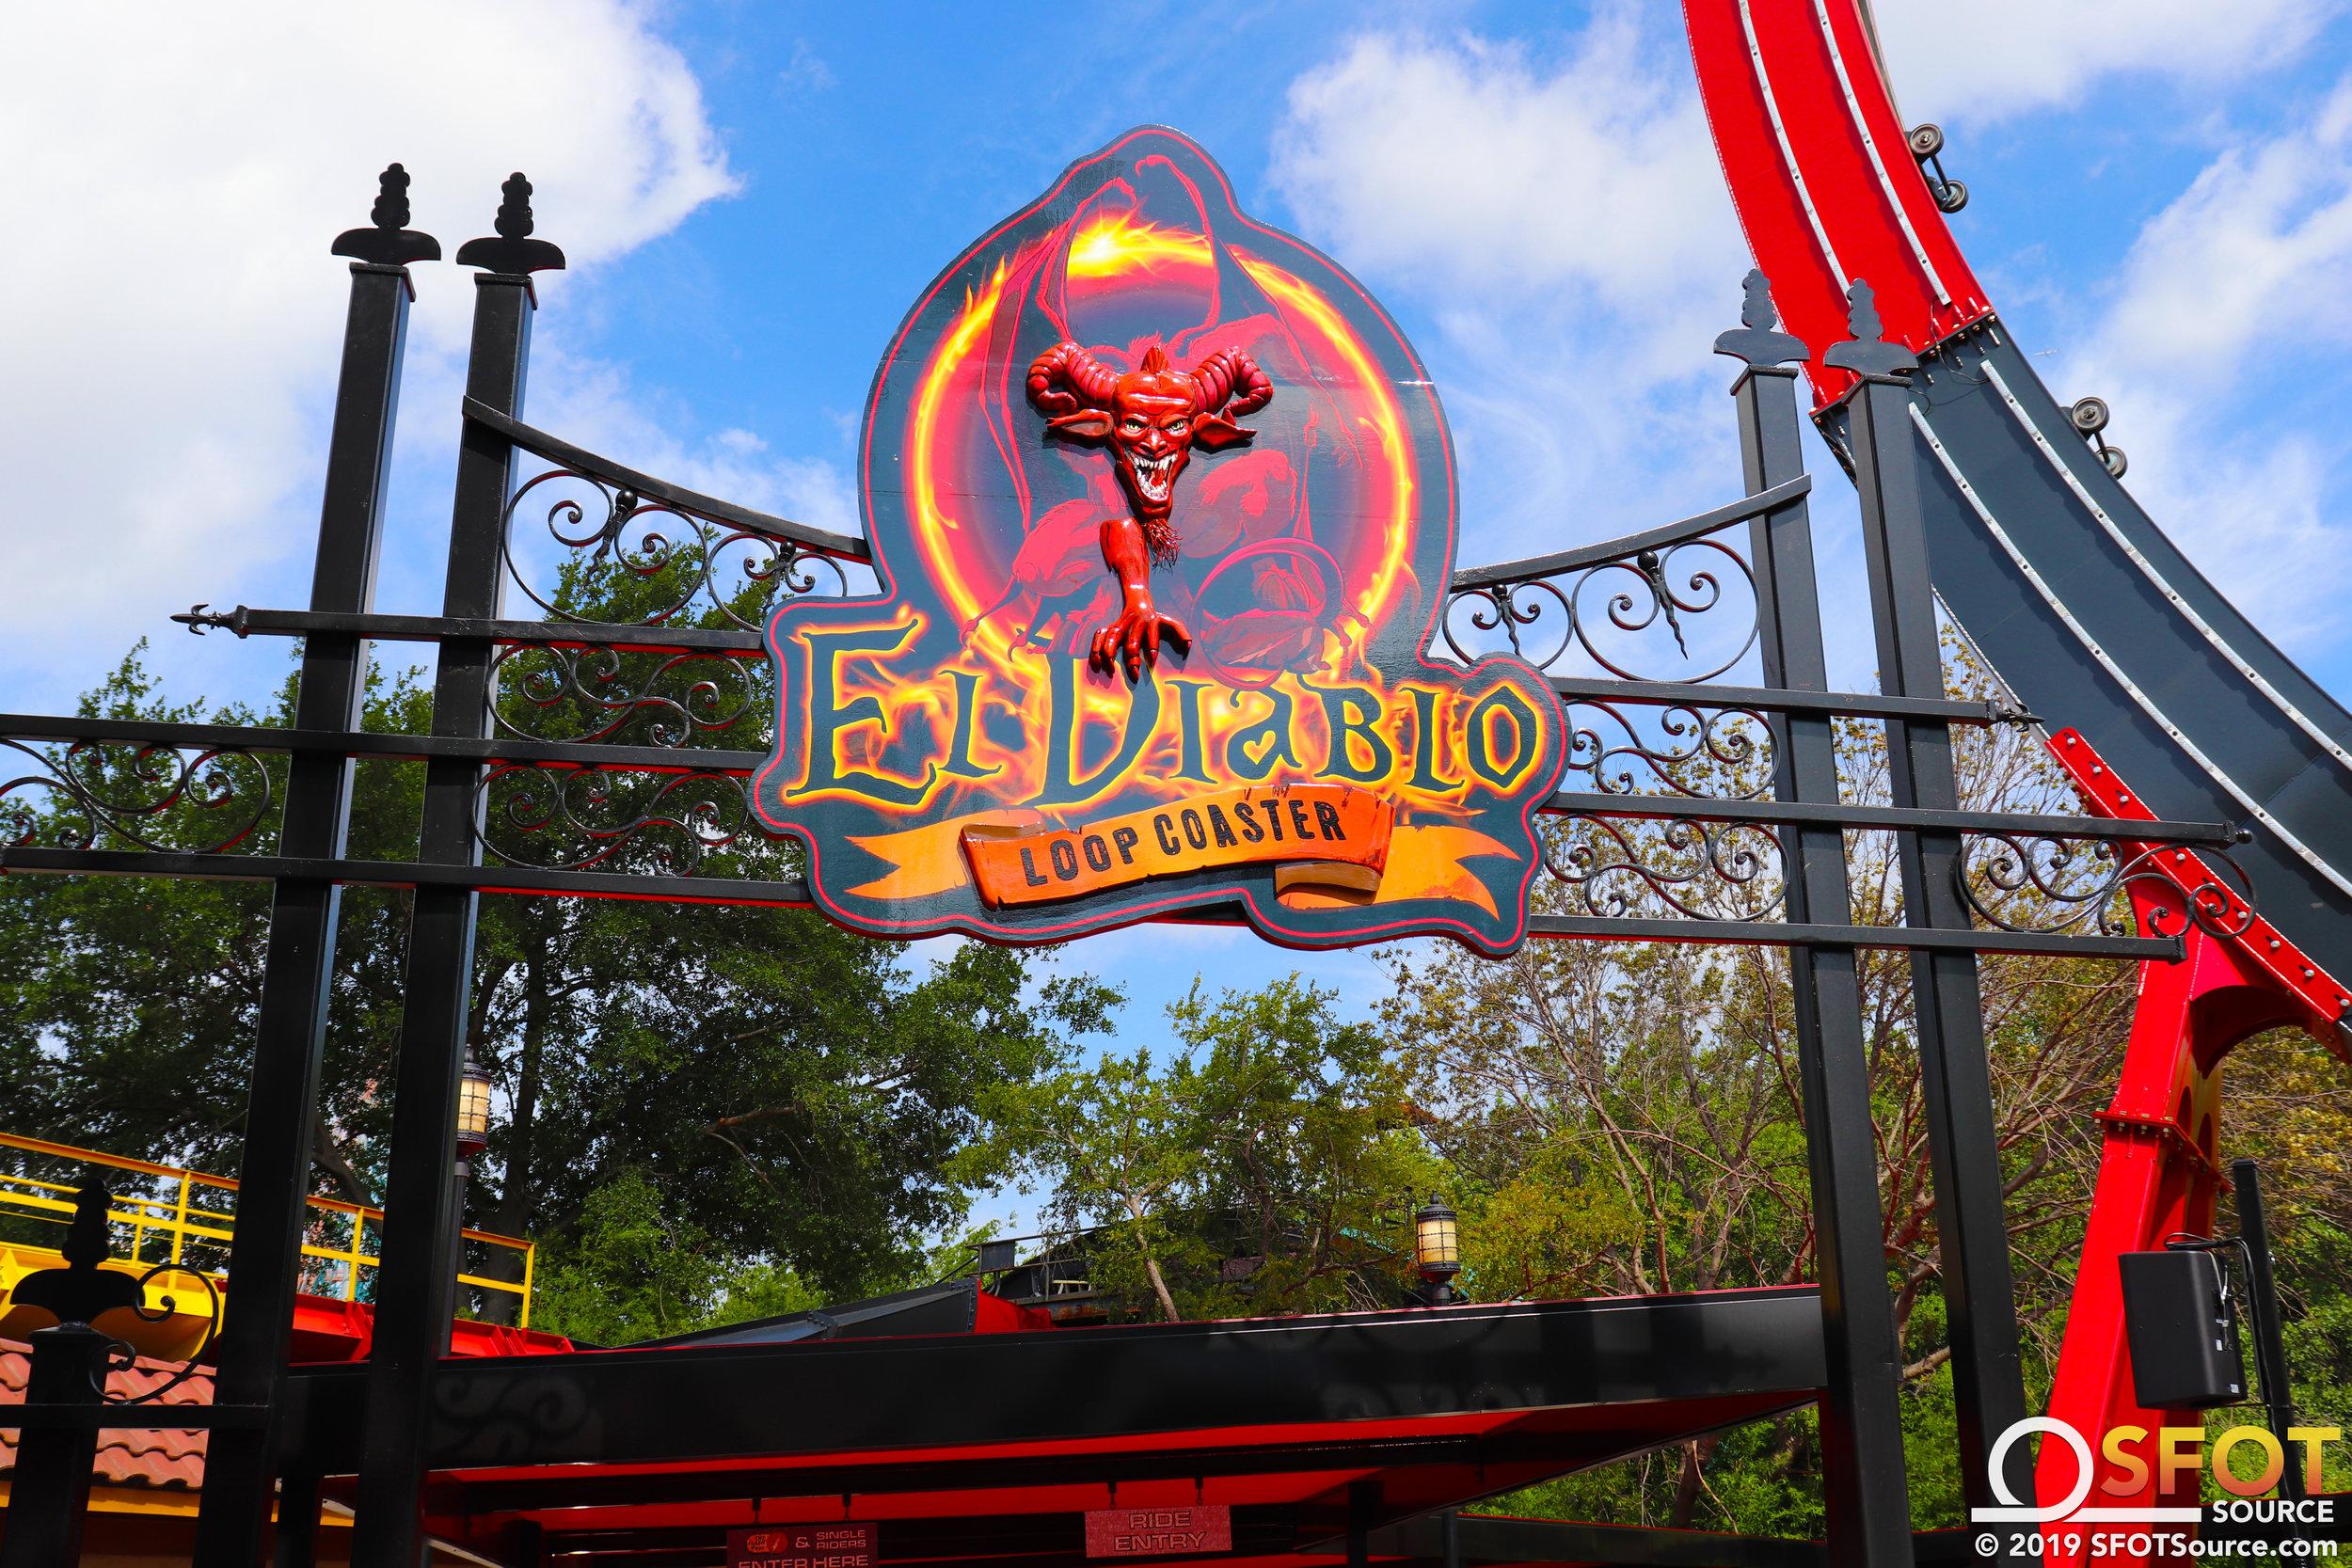 The main entrance to El Diablo.